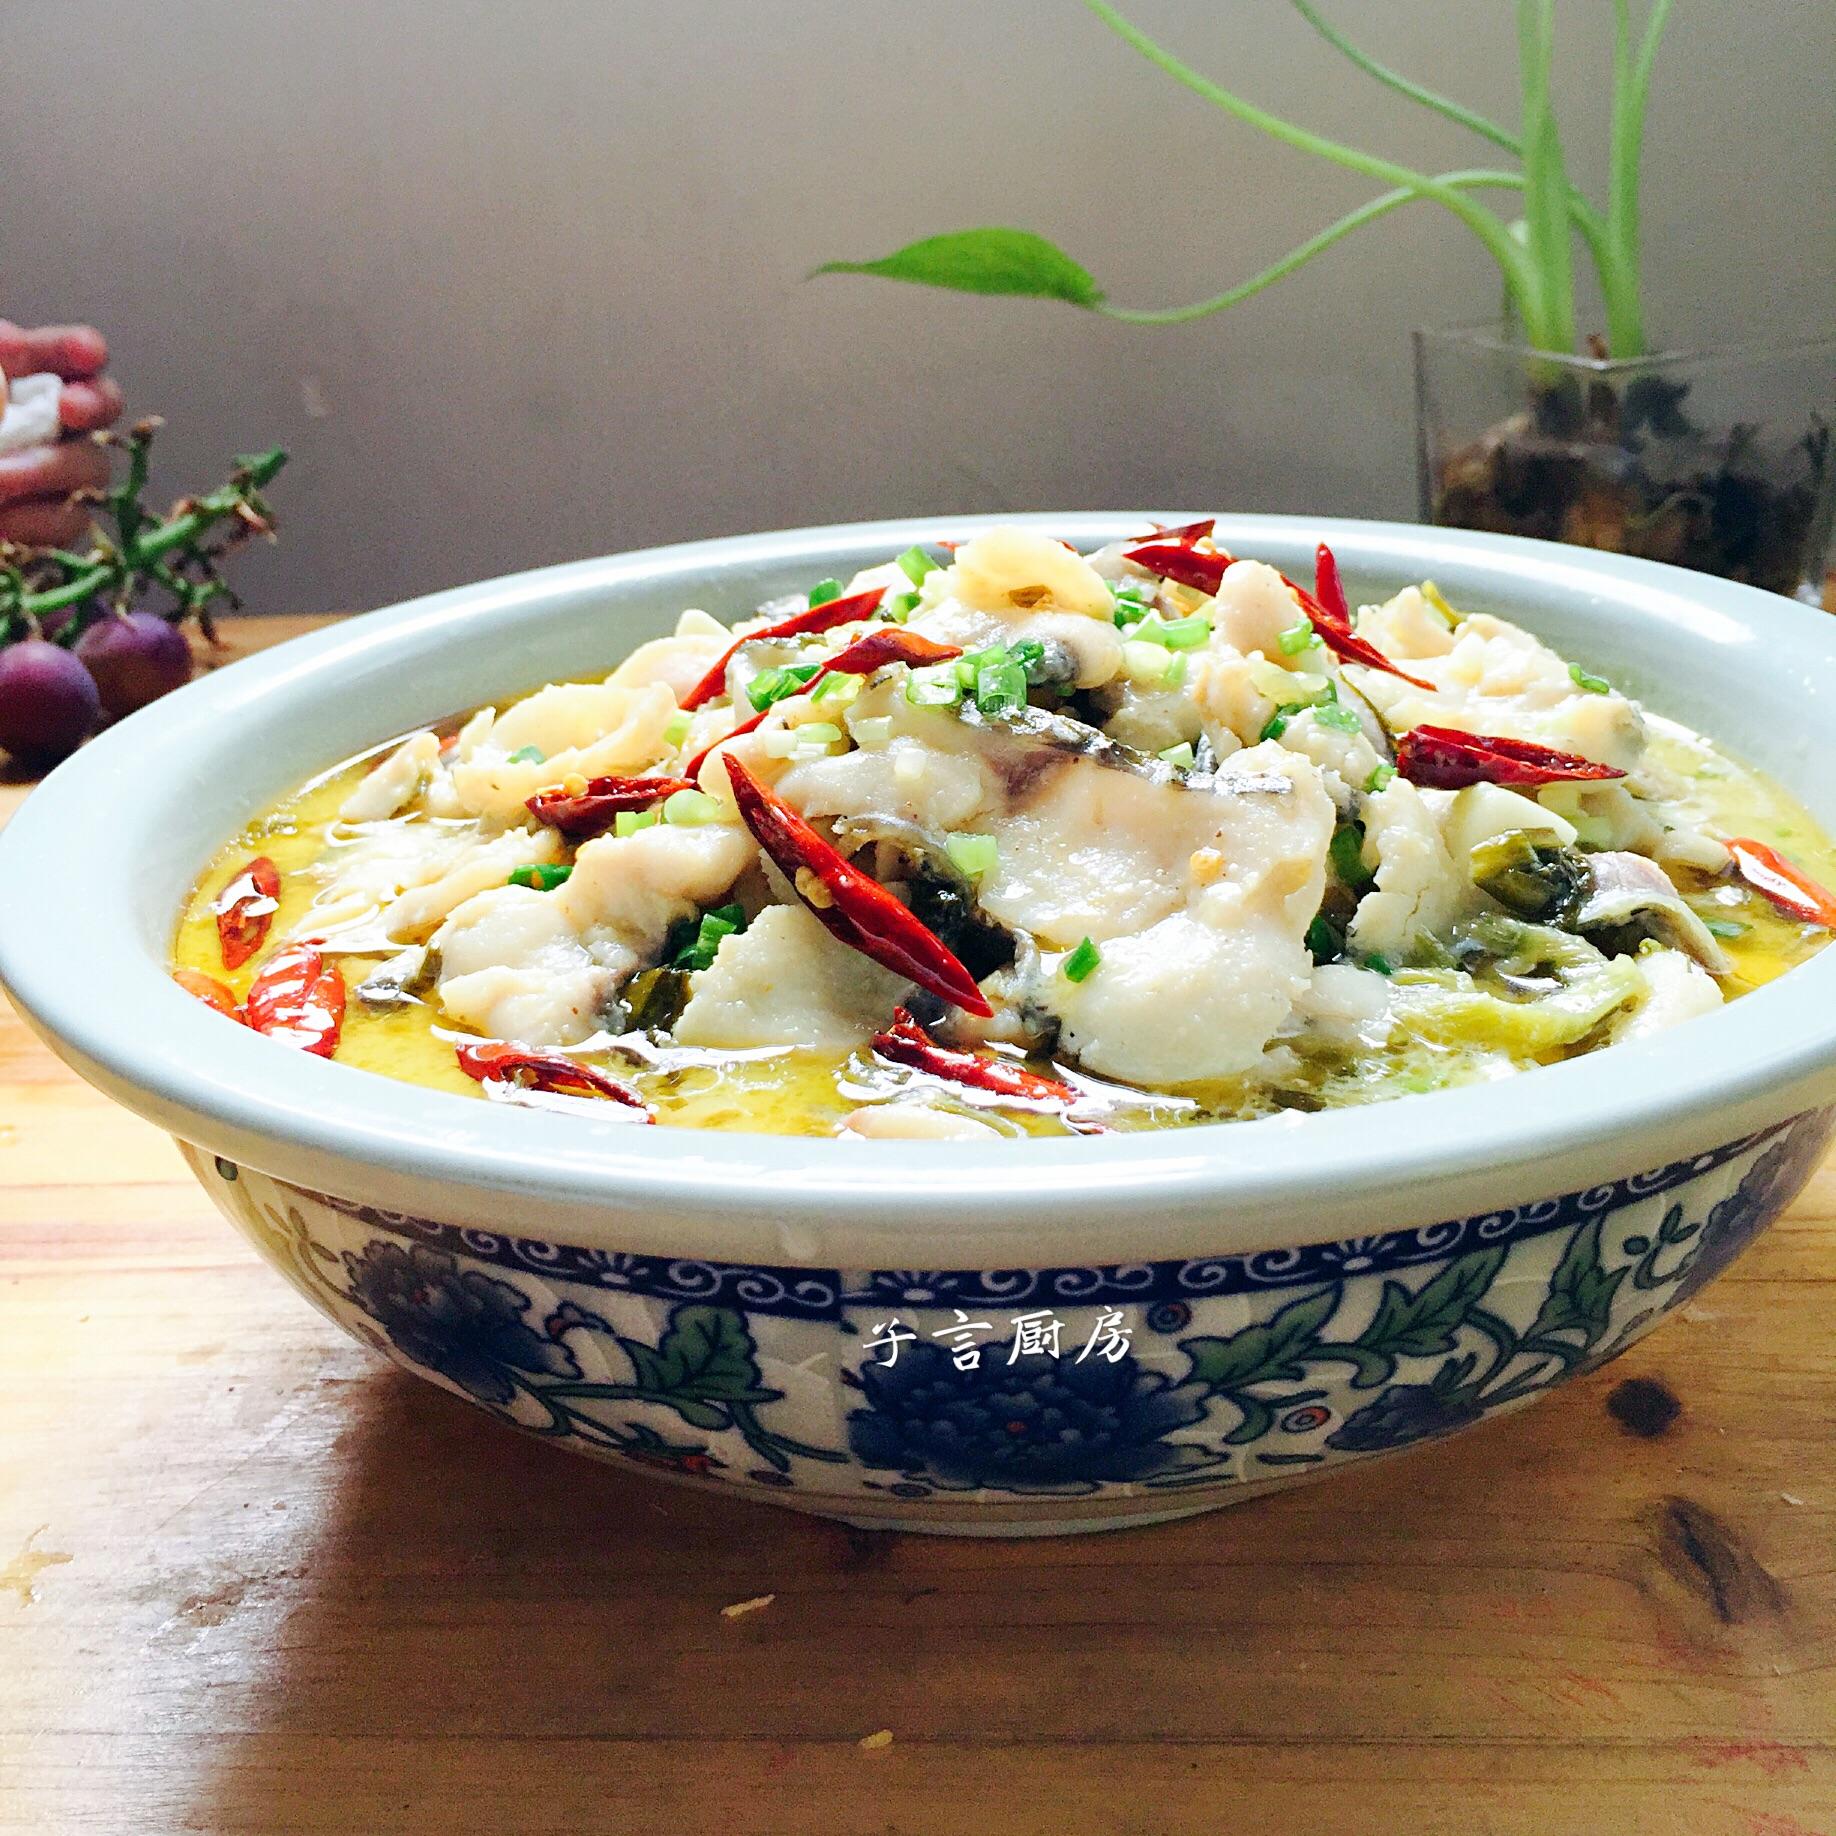 夏日开胃必备——酸菜鱼